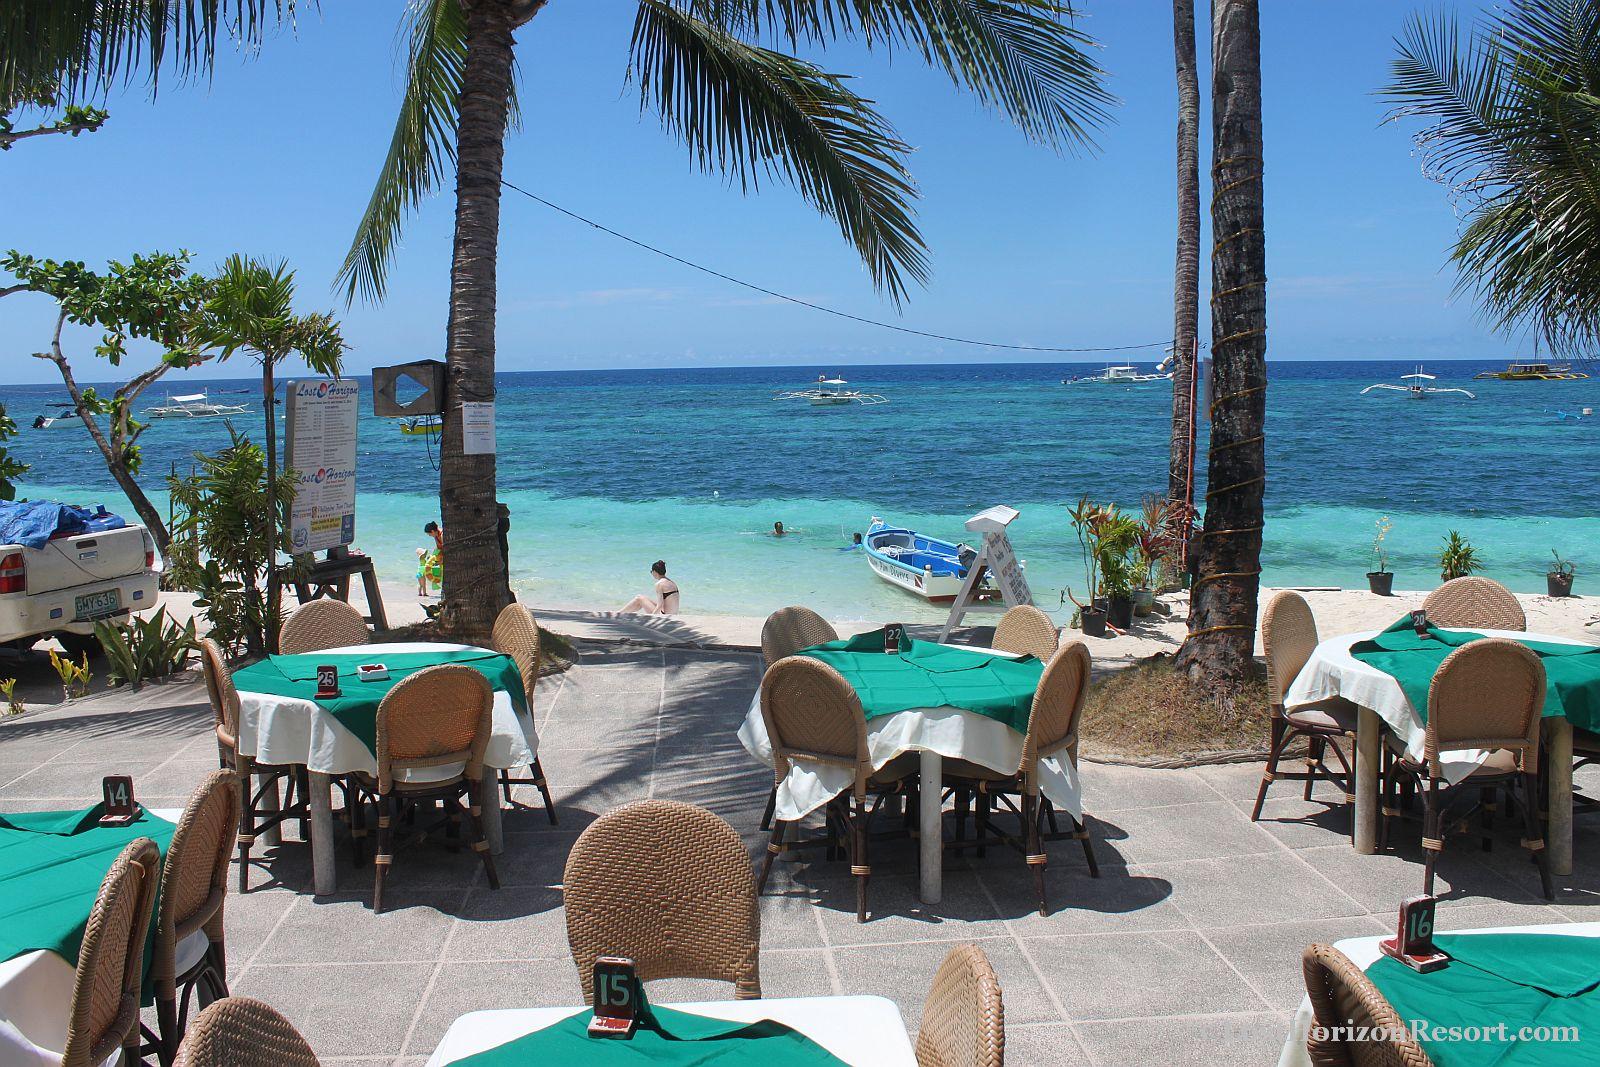 Lost Horizon Beach Restaurant